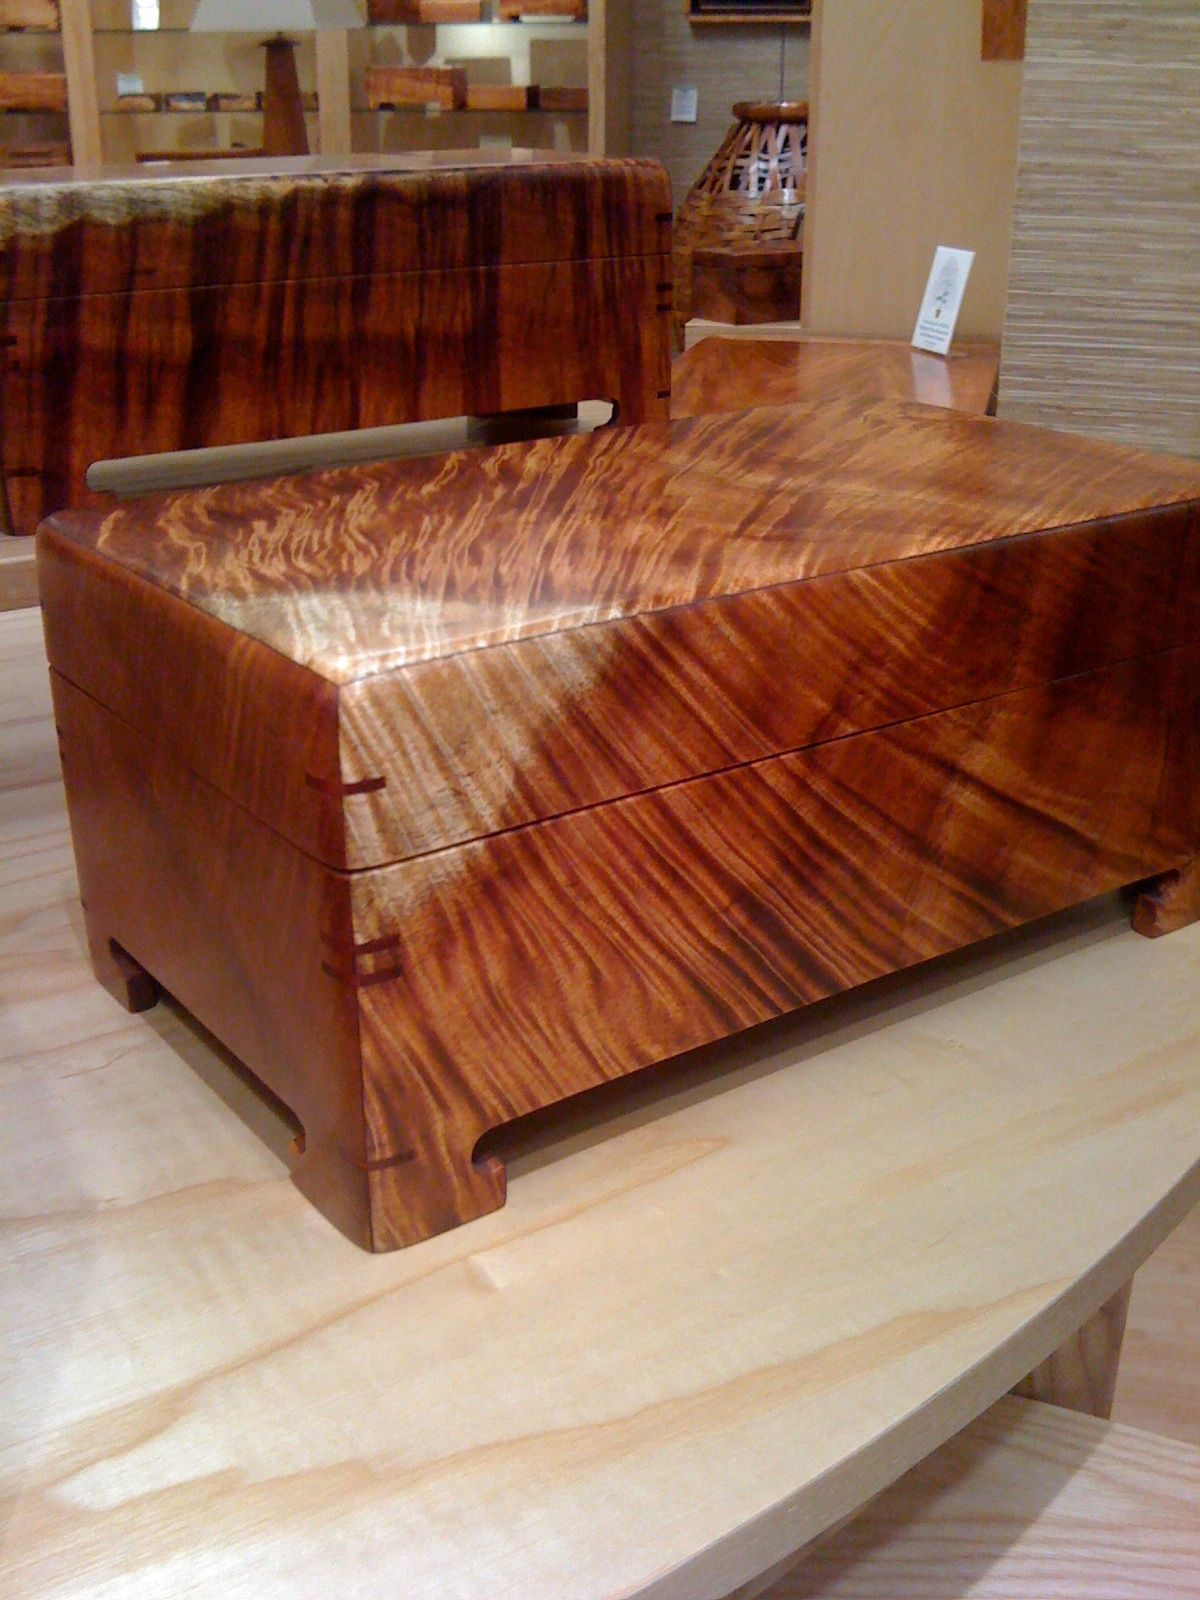 Koa wood jewelry box Jewelry box Pinterest Craftsman Box and